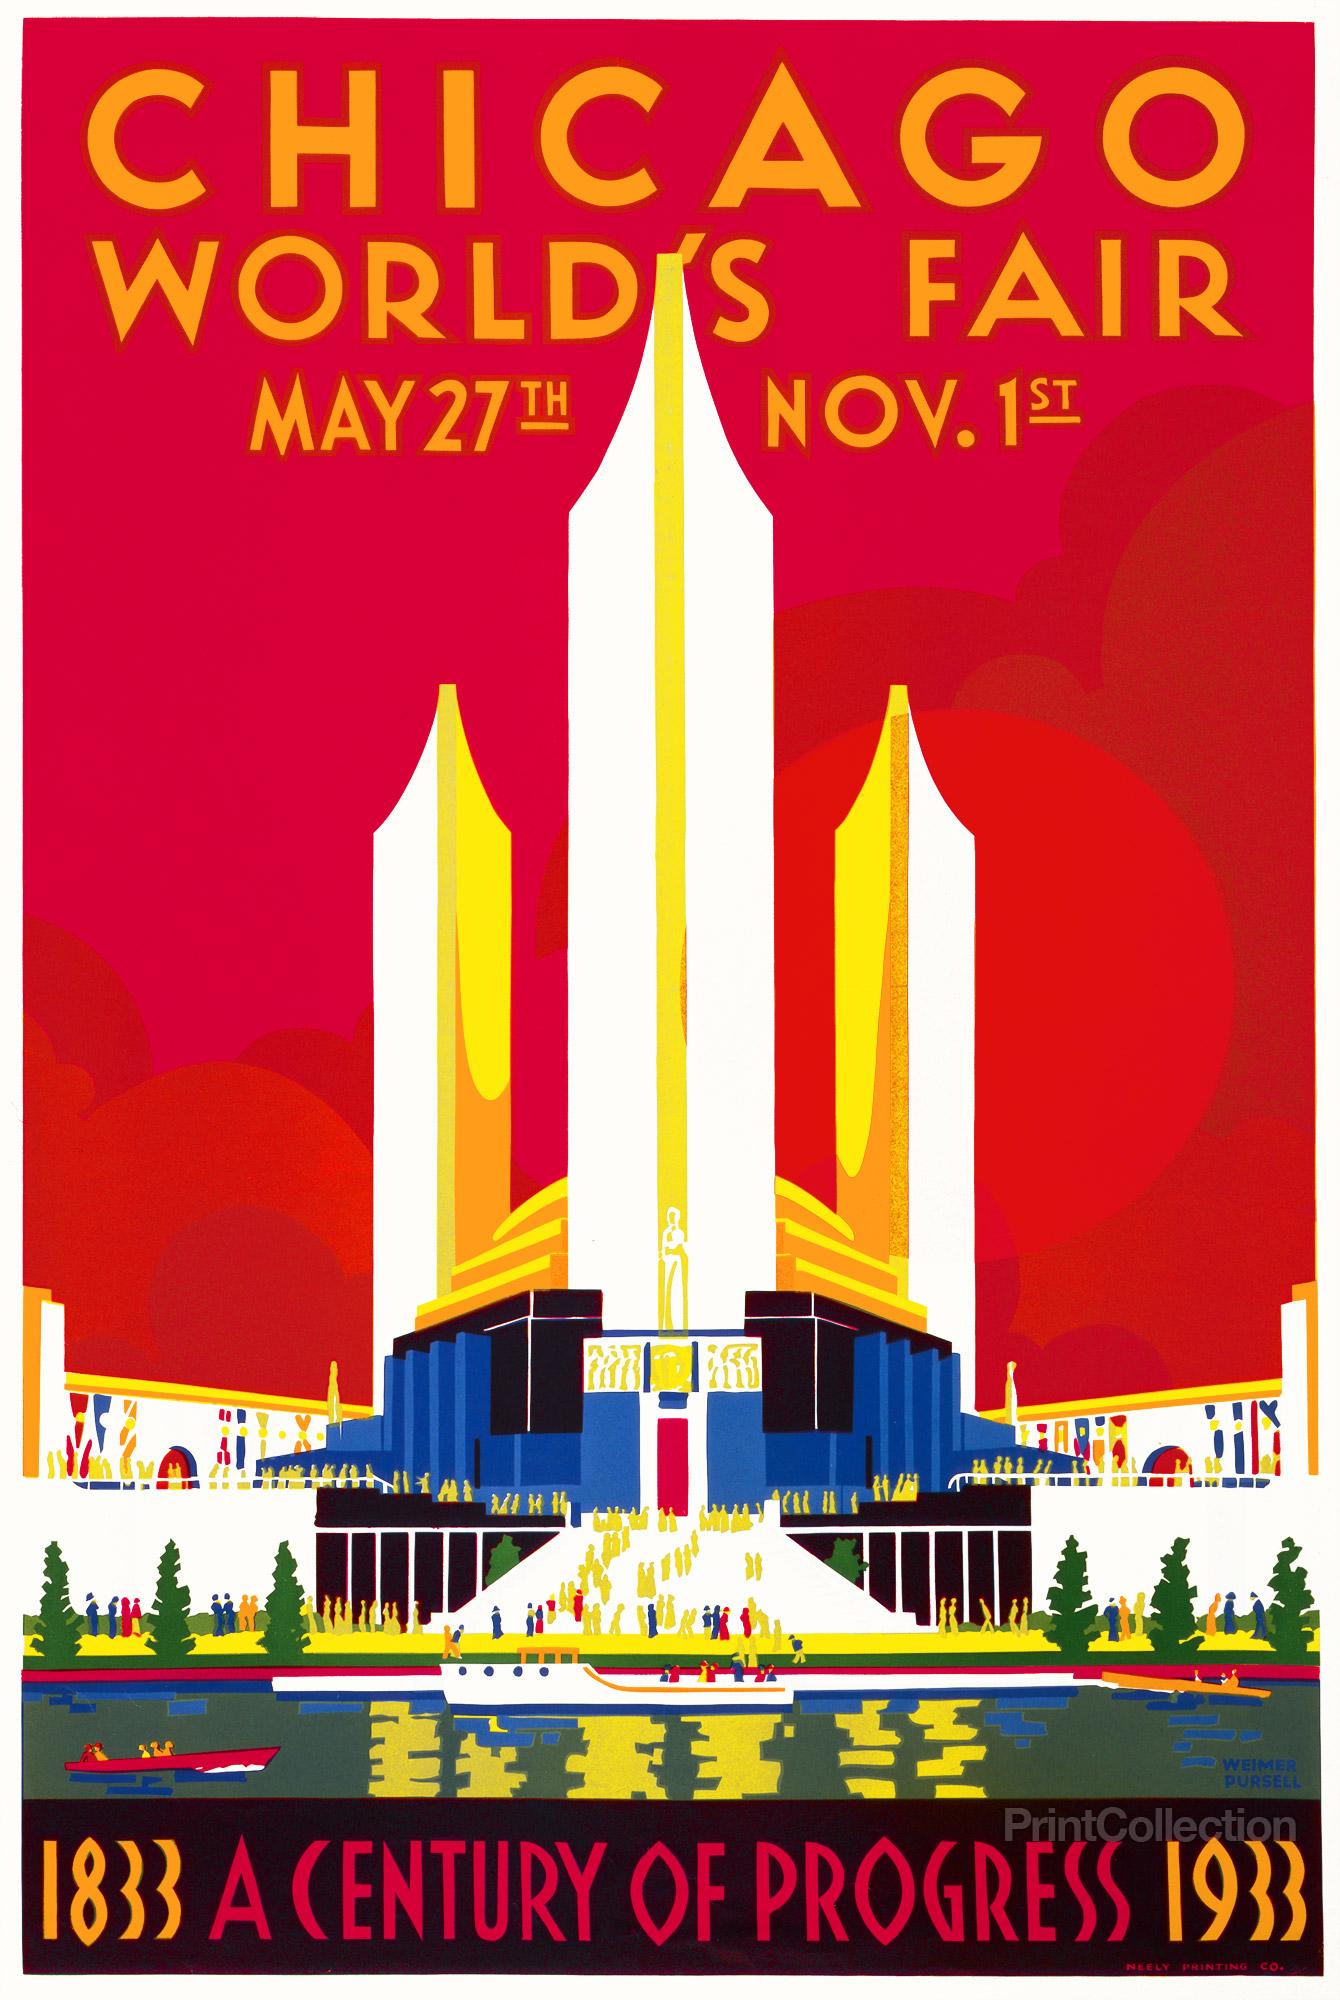 Chicago Worlds Fair poster